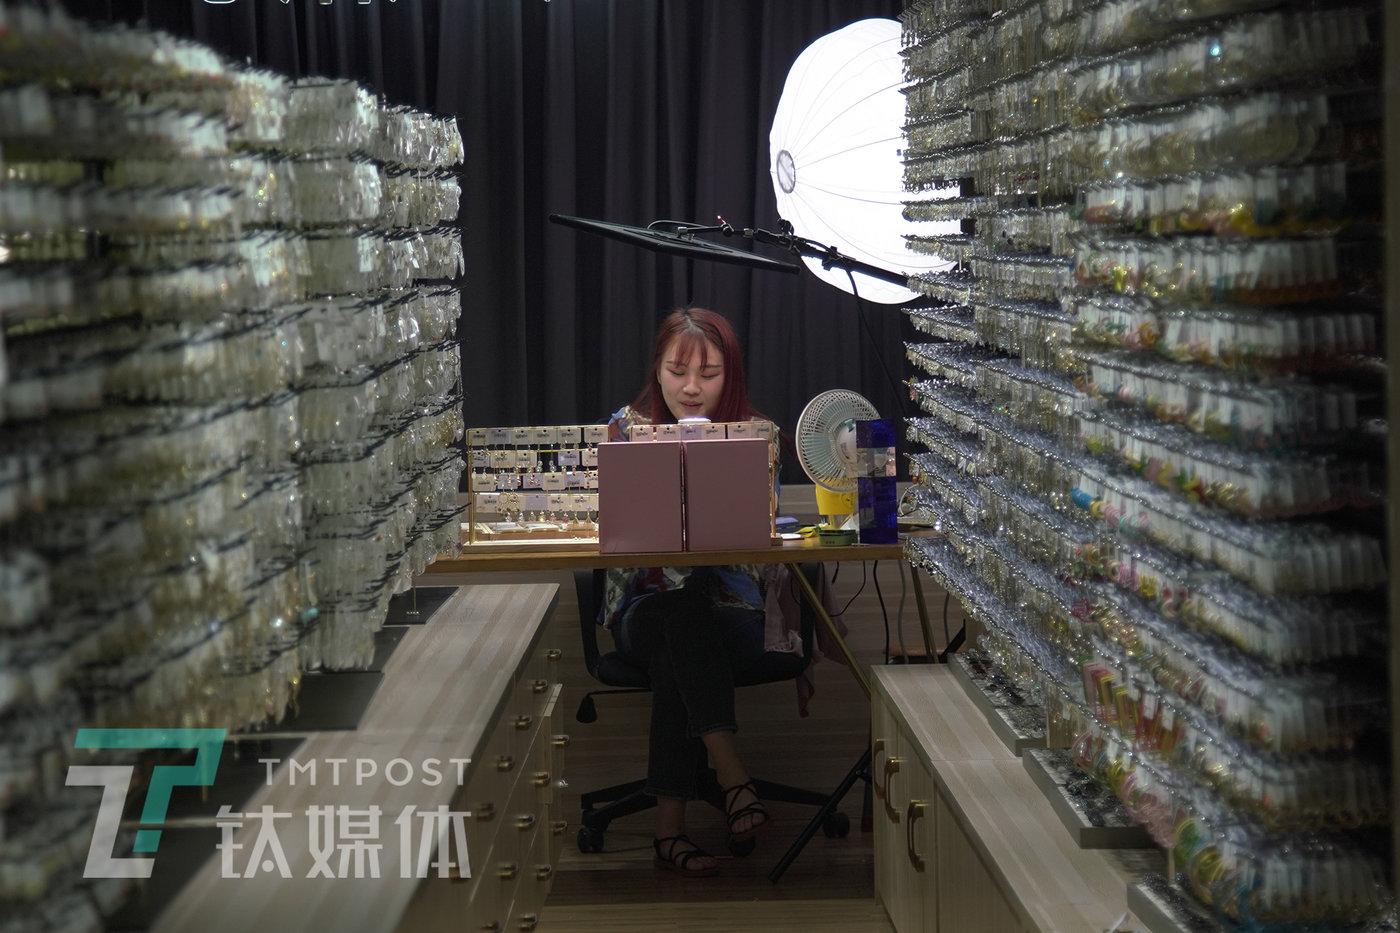 6月8日,蜜丝诺儿一位主播在直播中。